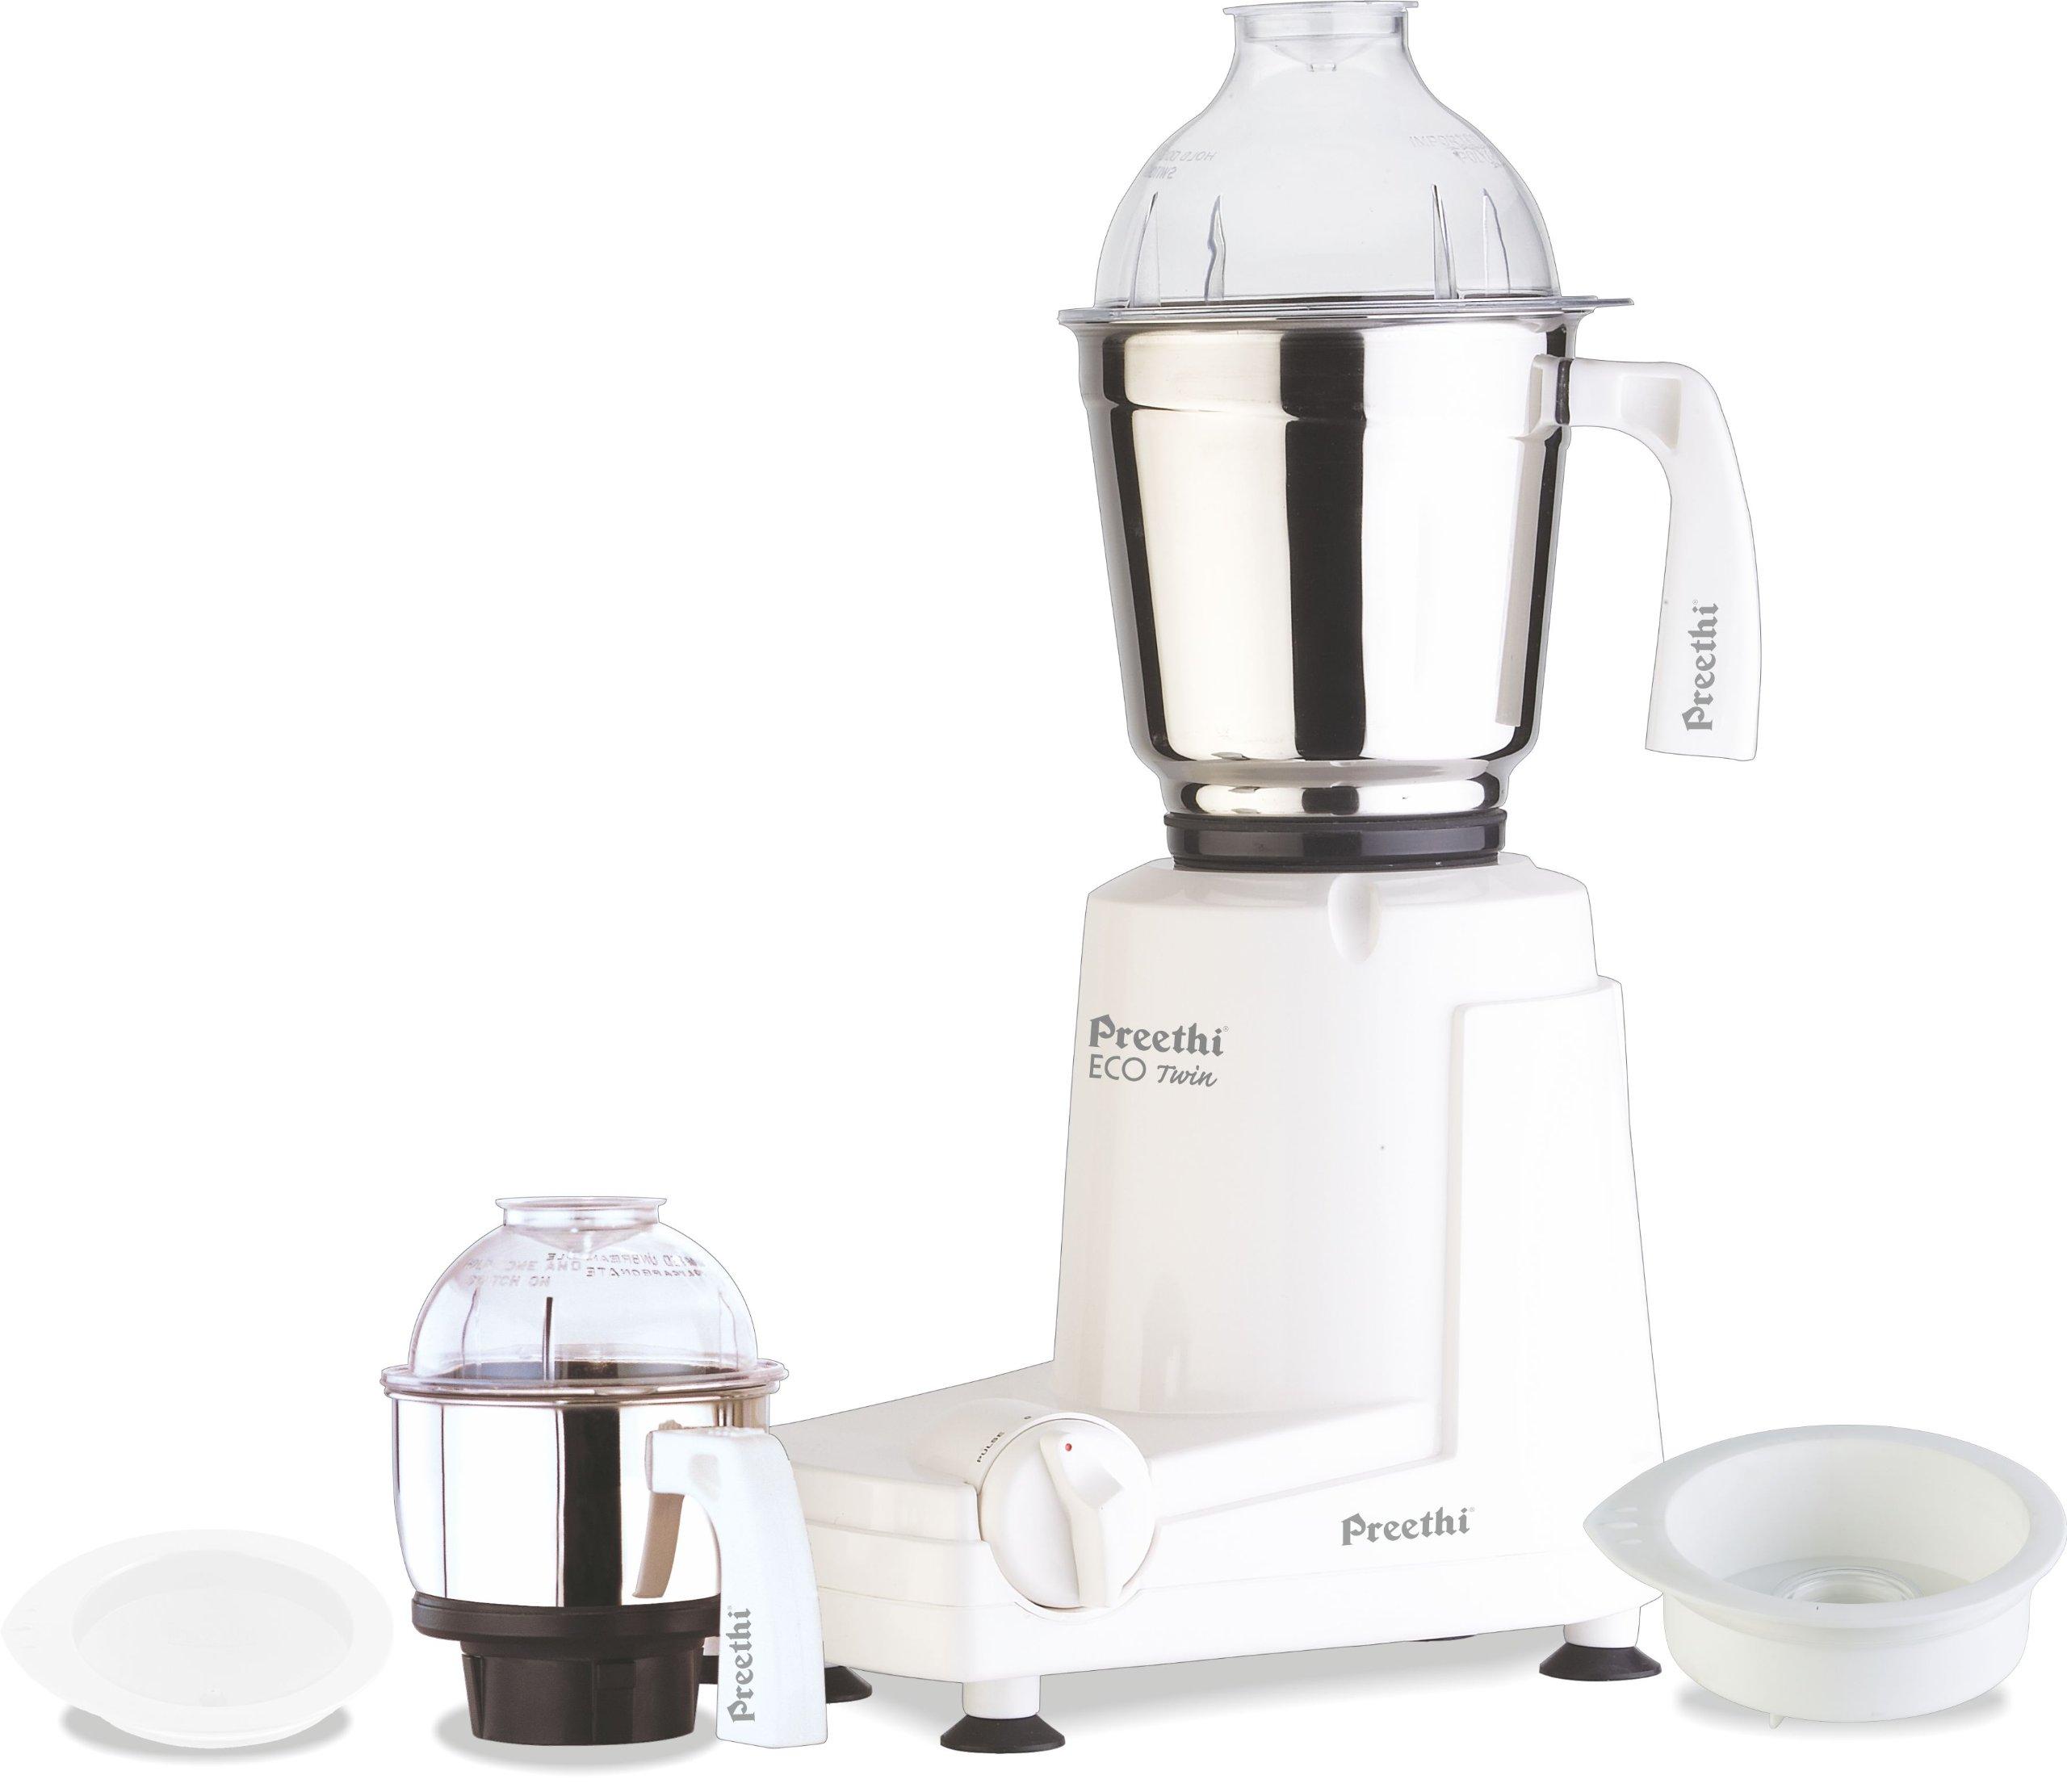 Preethi Eco Twin Jar Mixer Grinder, 550-Watt by Preethi